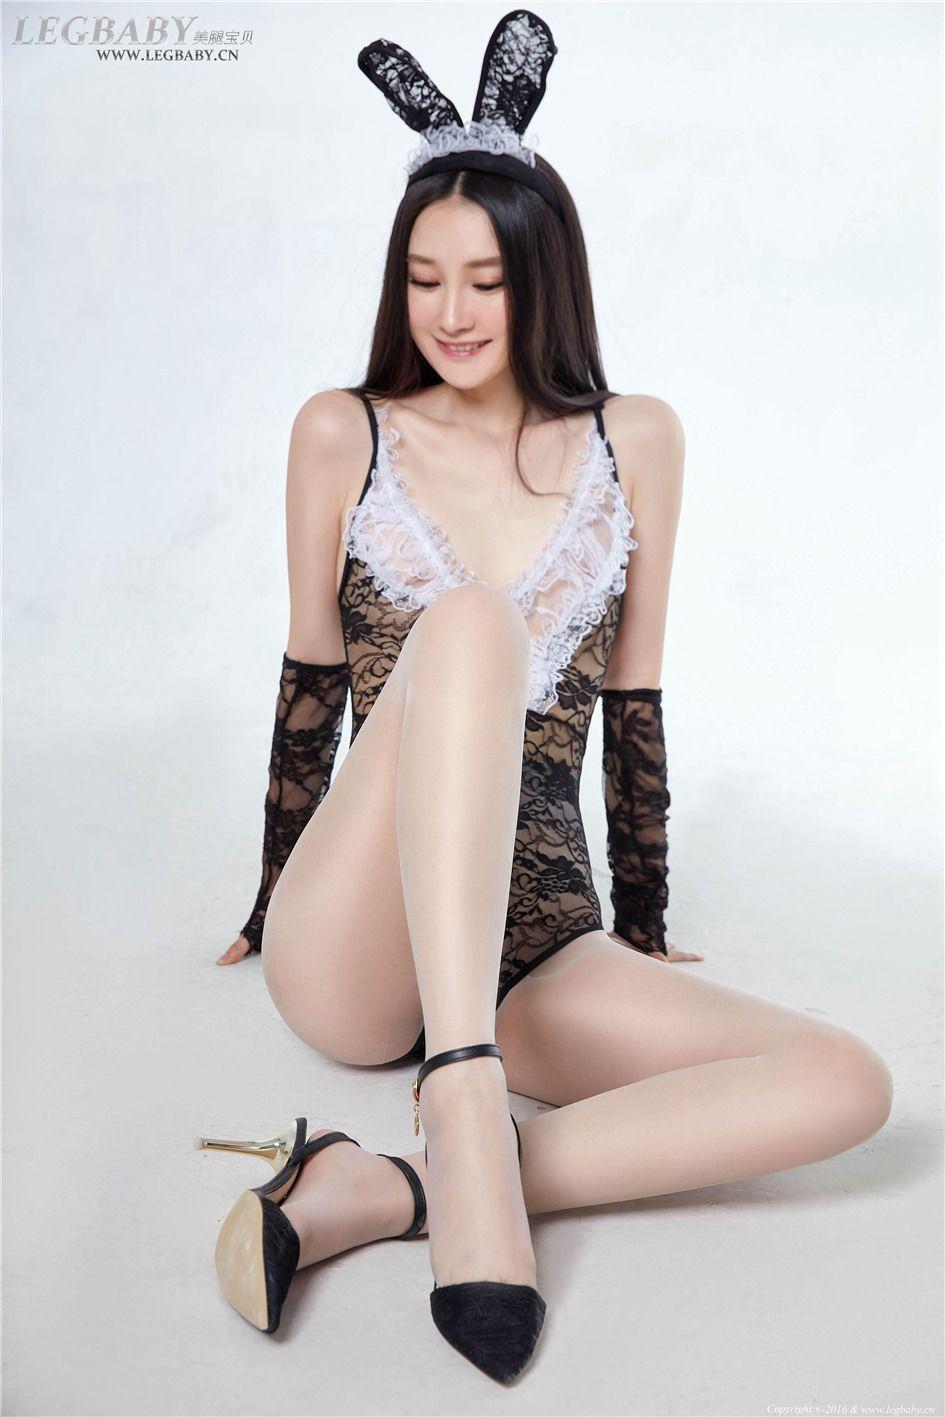 [美腿宝贝] 肥臀美腿丝袜美女潇潇 NO.027 芭蕾舞裙写